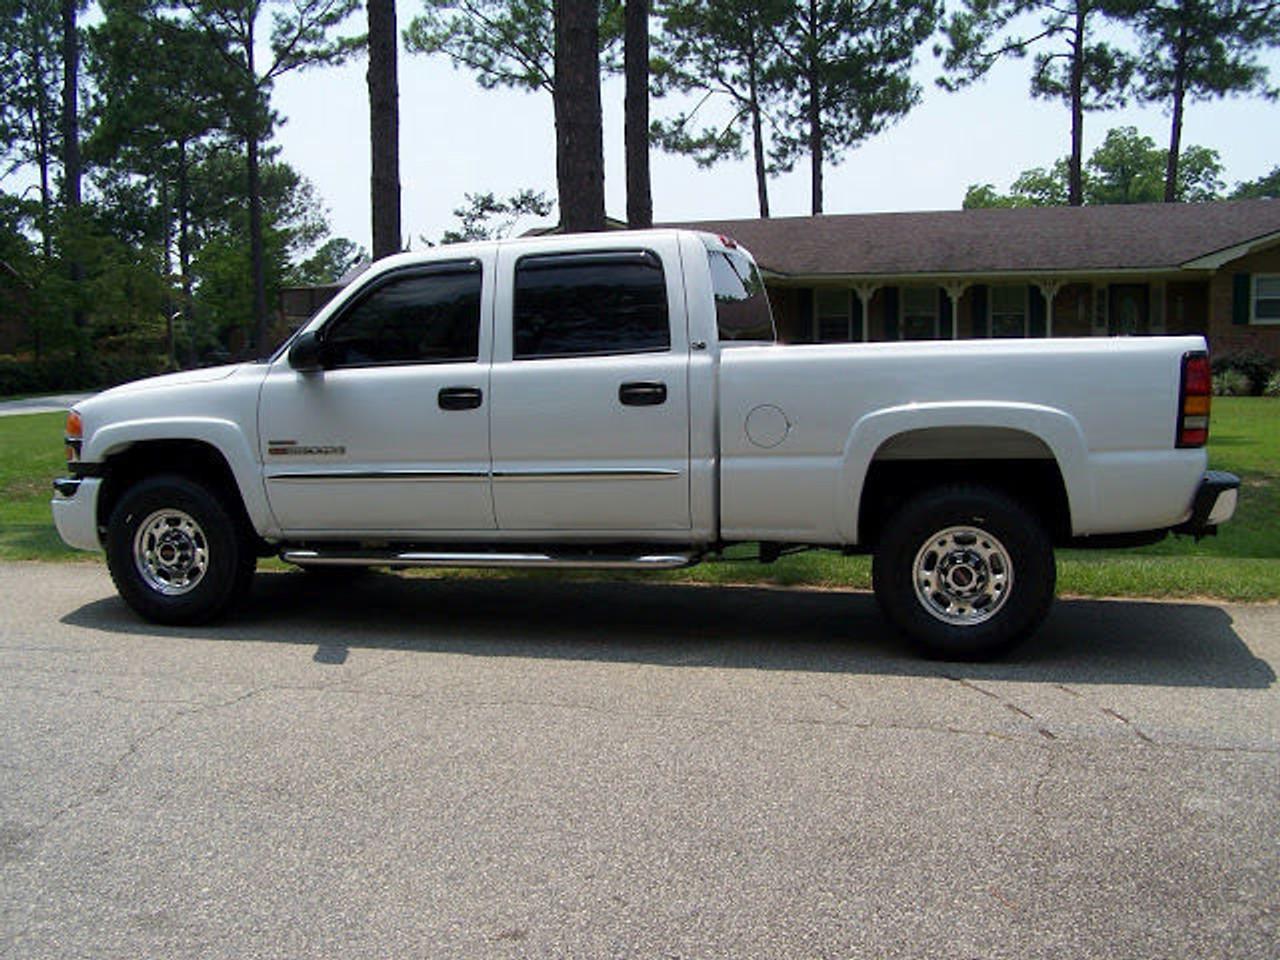 16 Inch 8 Lug Alloy Wheels For Gmc 2500 3500 Hd Duramax